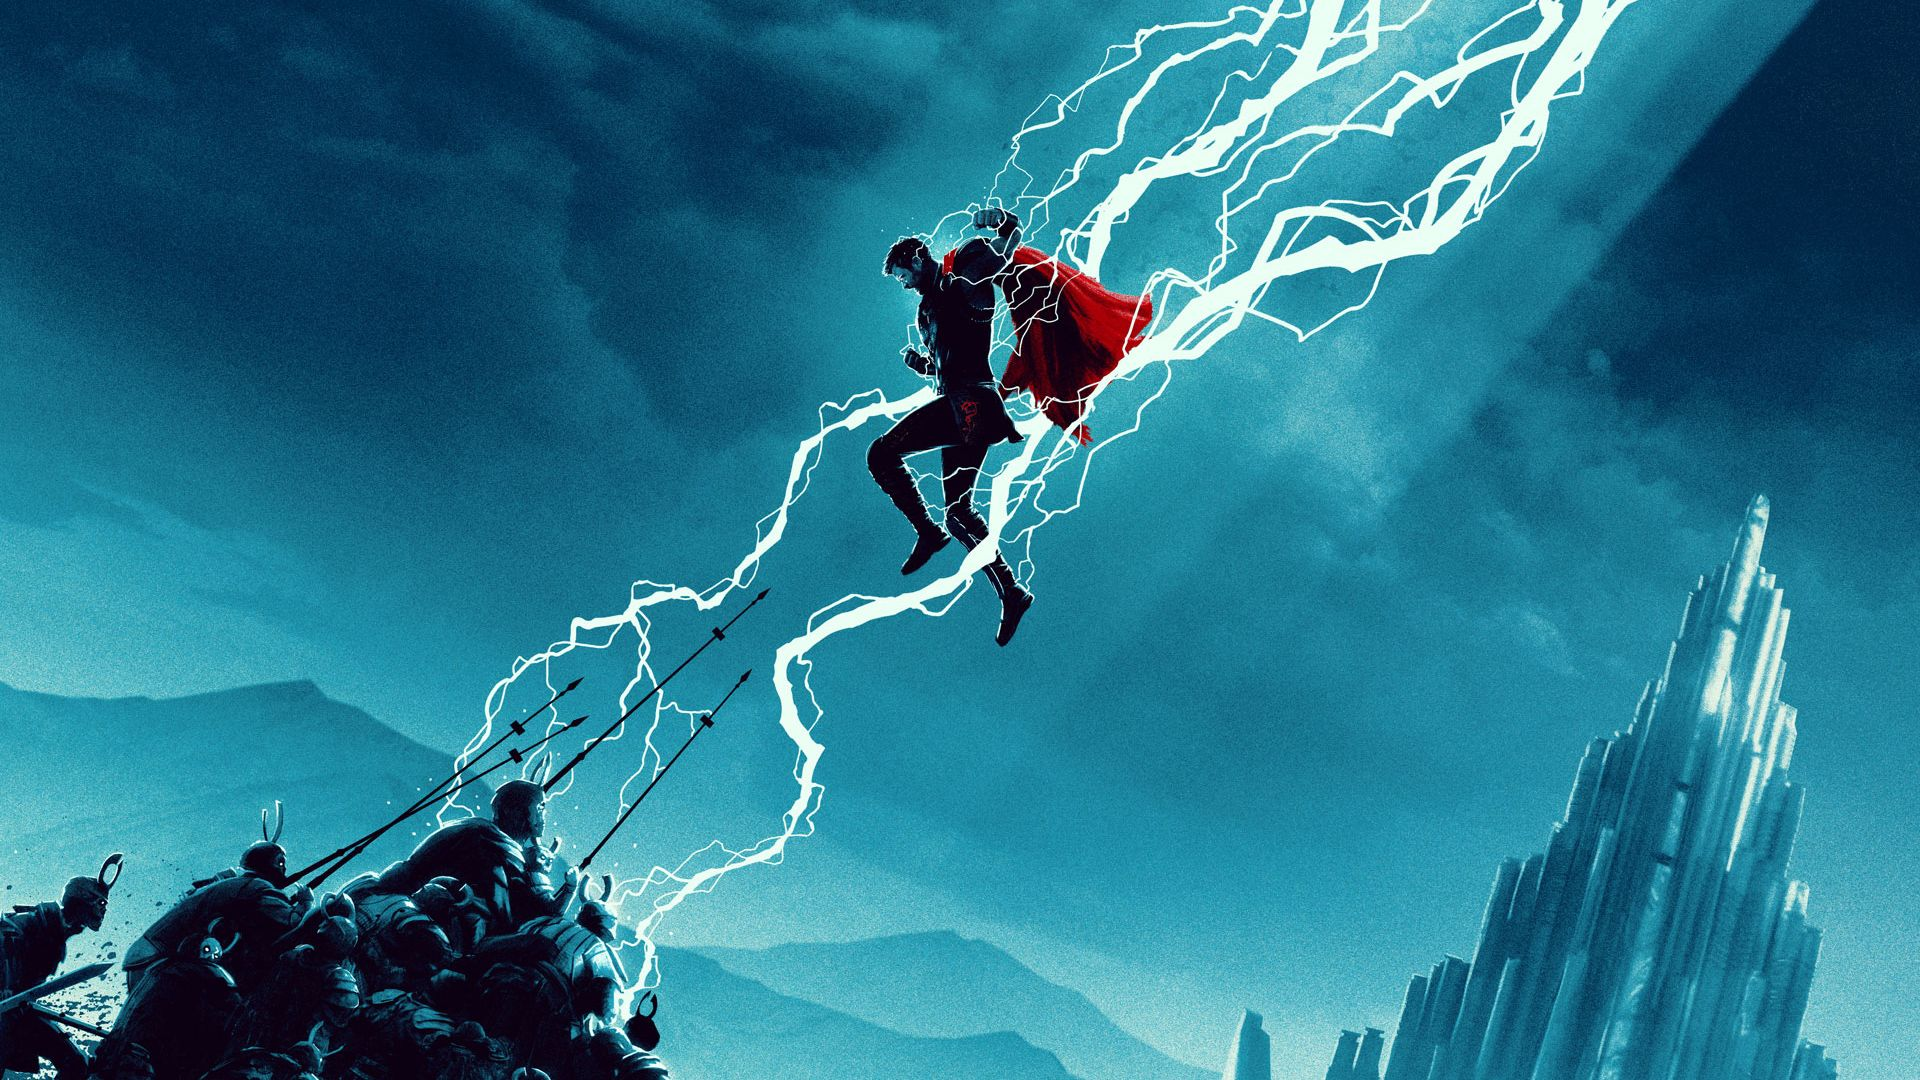 Thor lightning 4k wallpapers top free thor lightning 4k - Free thor wallpaper ...